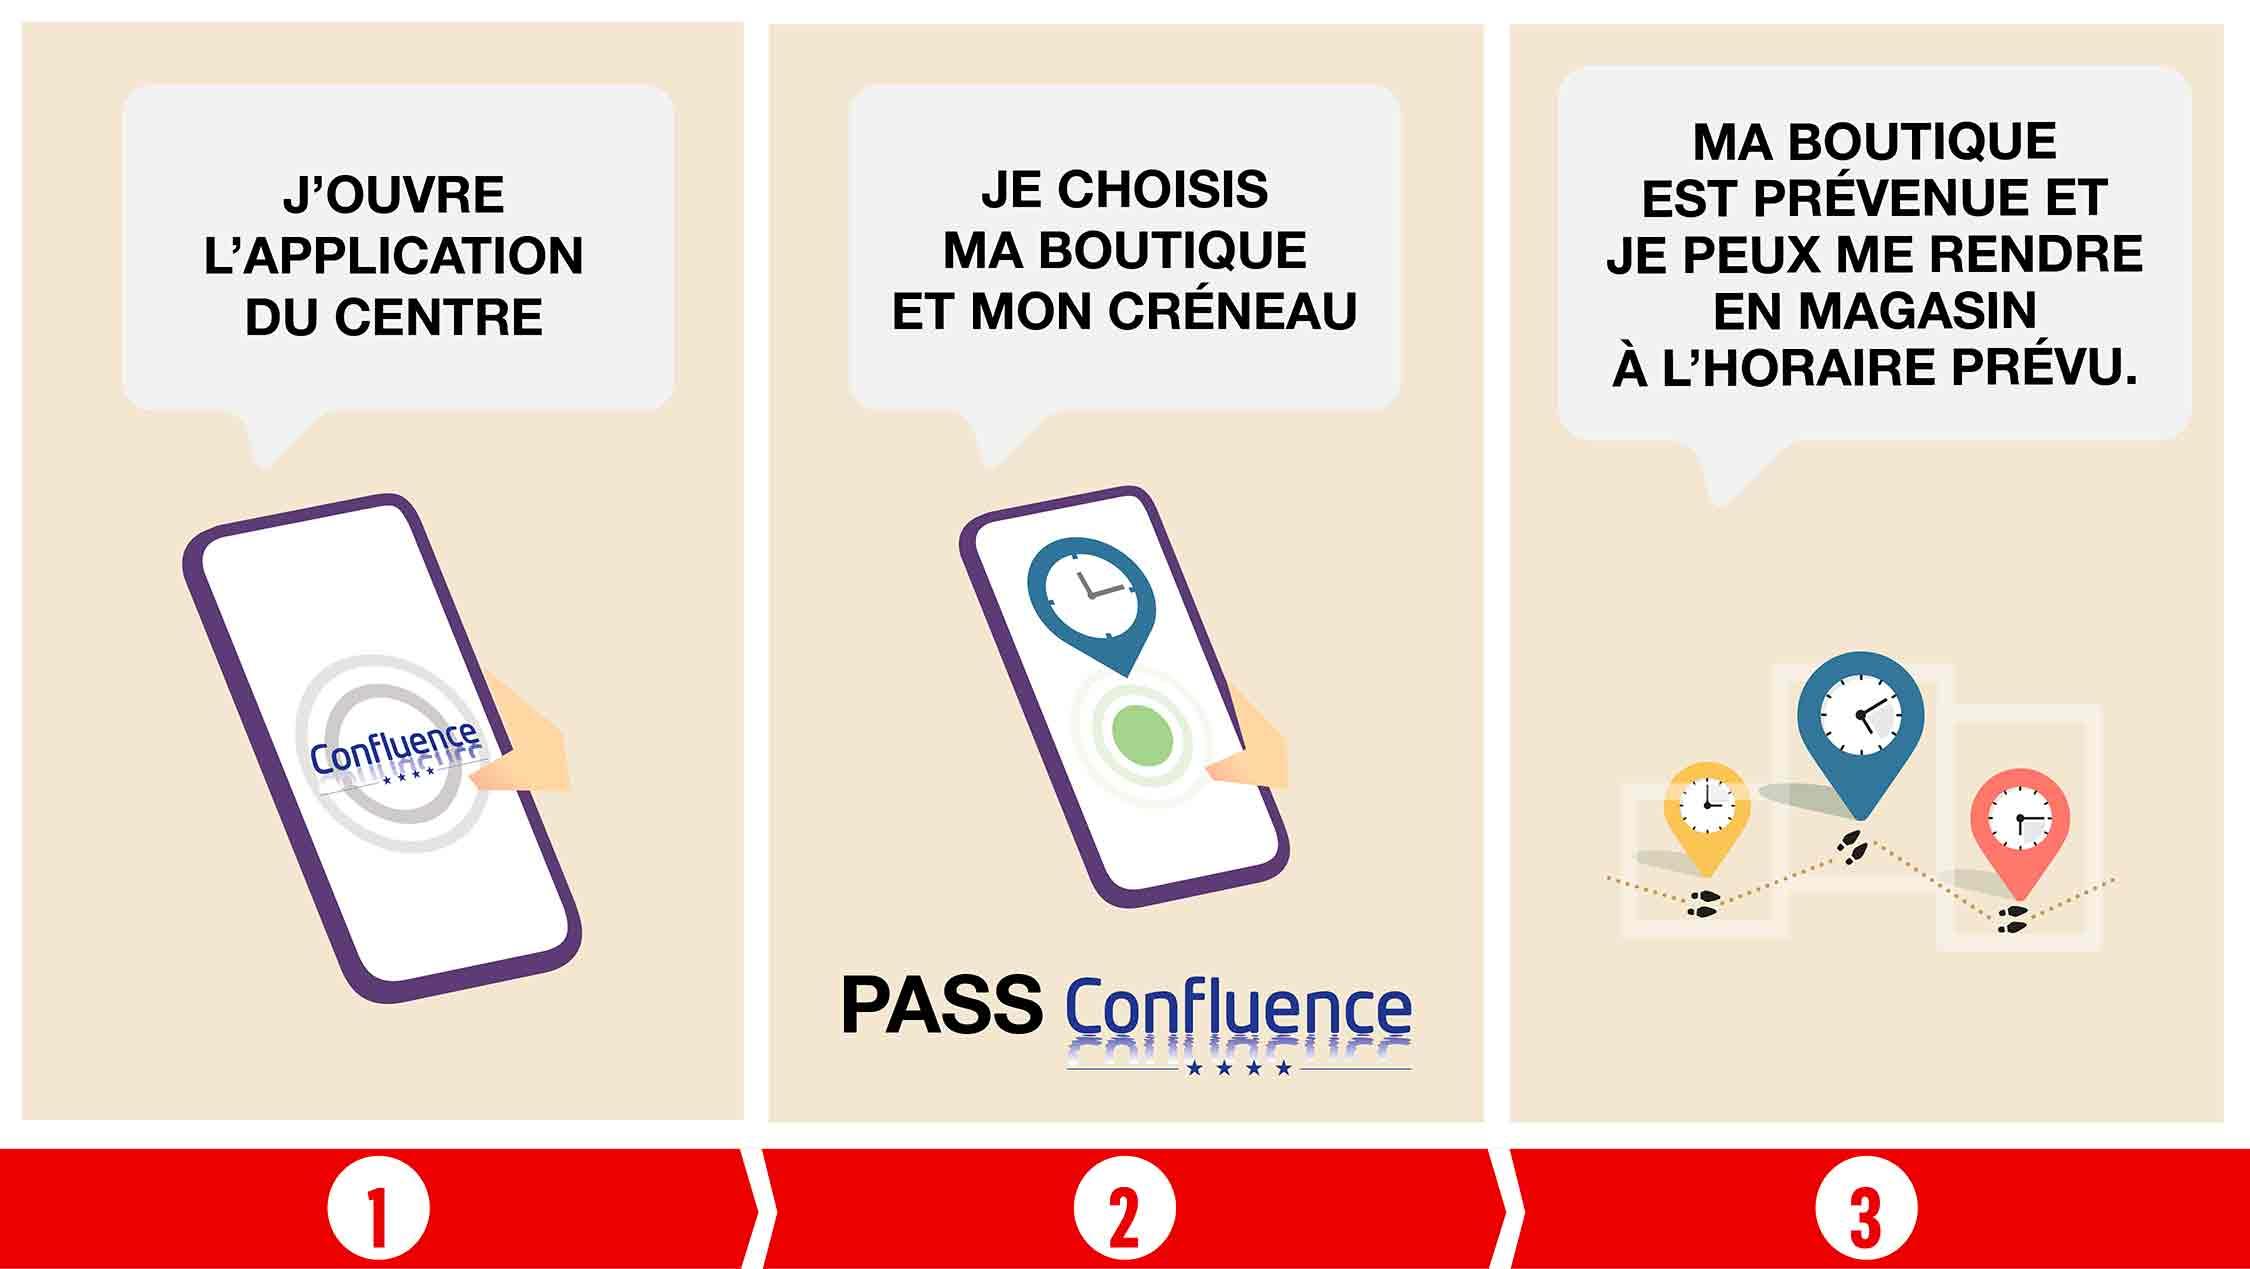 LE PASS @CONFLUENCE POUR UN SHOPPING SANS ATTENTE